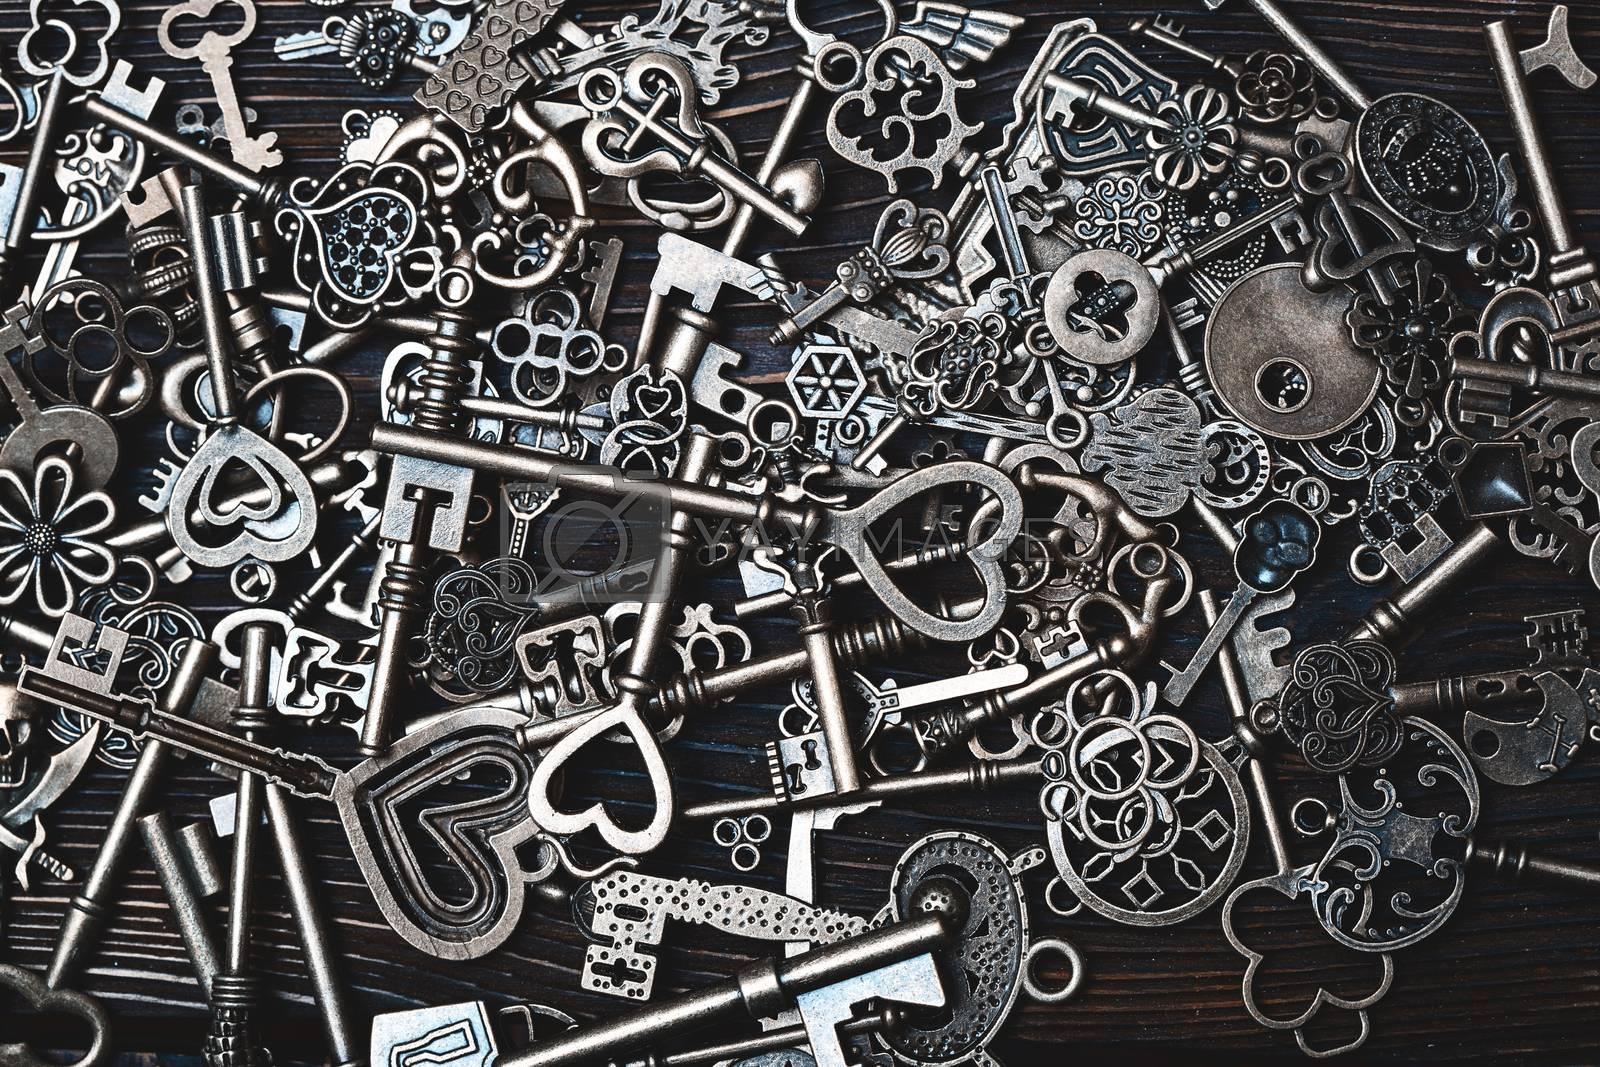 Full frame photo of the various antique keys